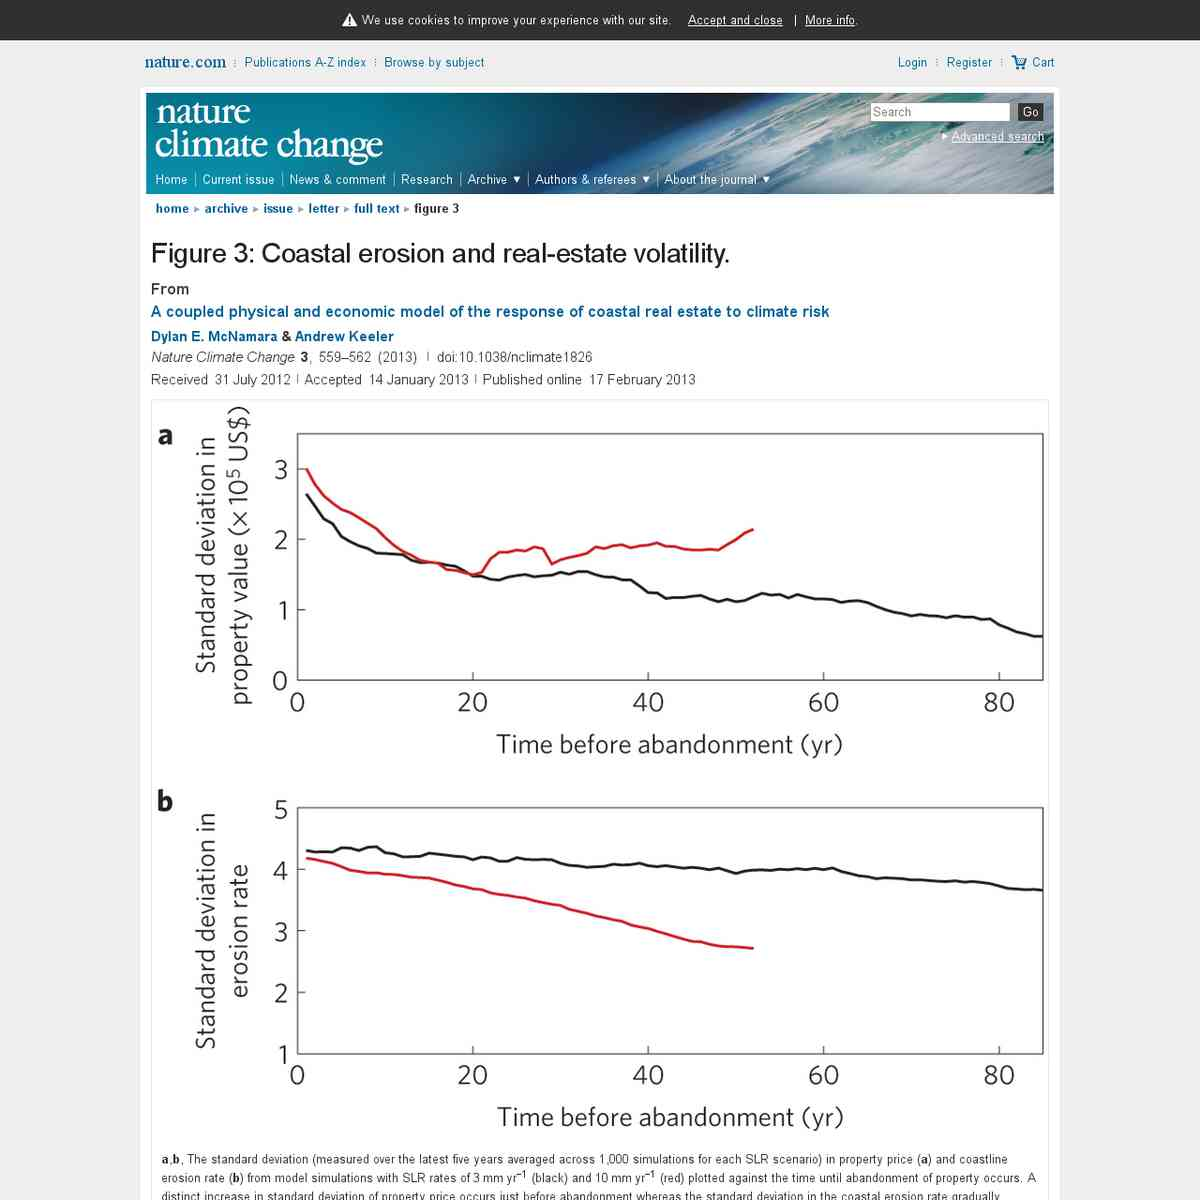 Coastal Erosion and Real-Estate Volatility